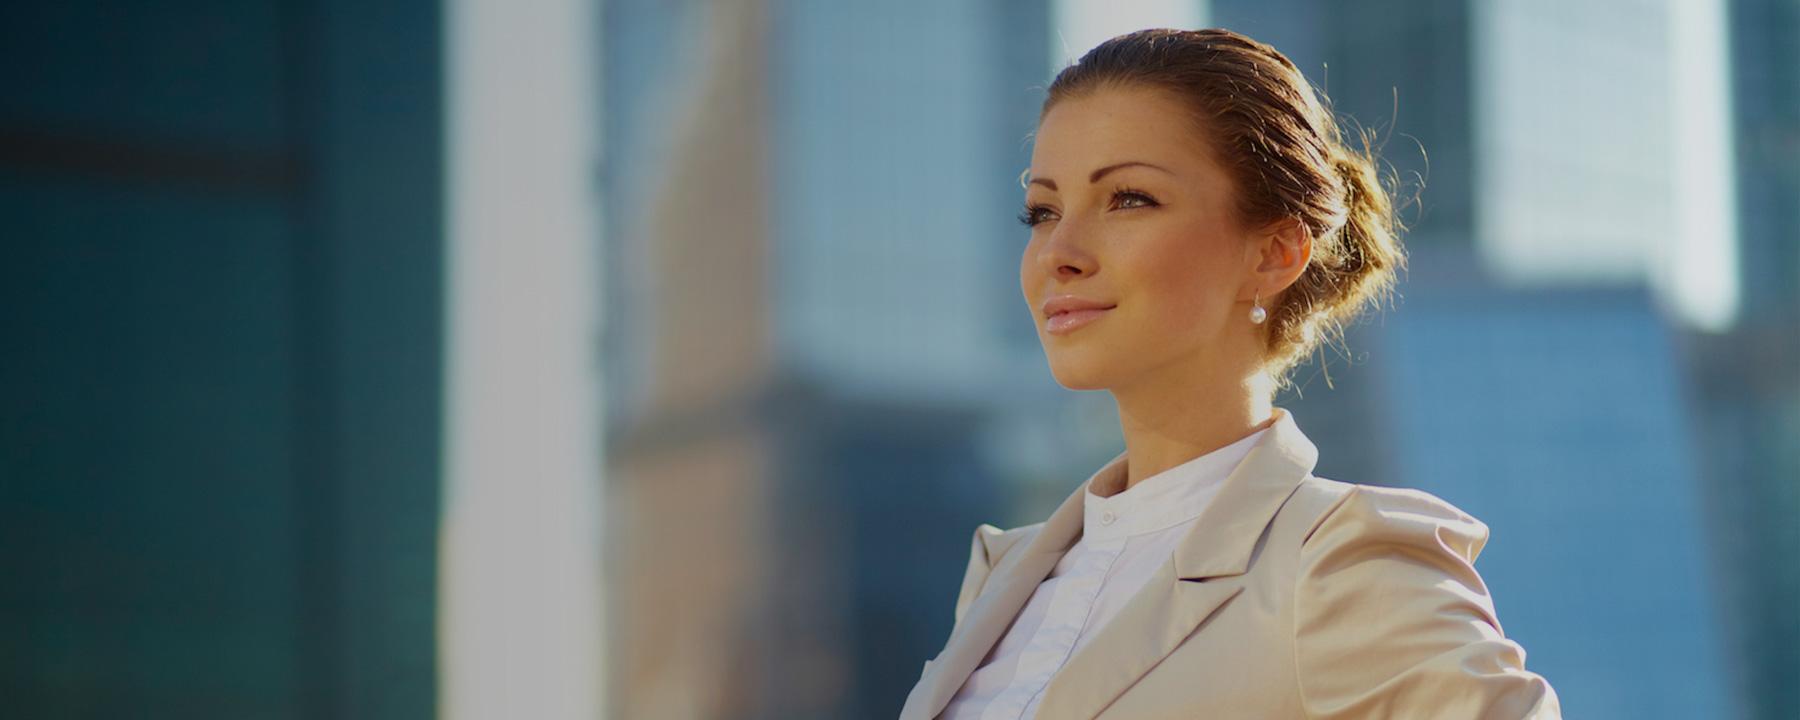 Как открыть свой бизнес через полгода после выпуска (Одесса). Фото - 4